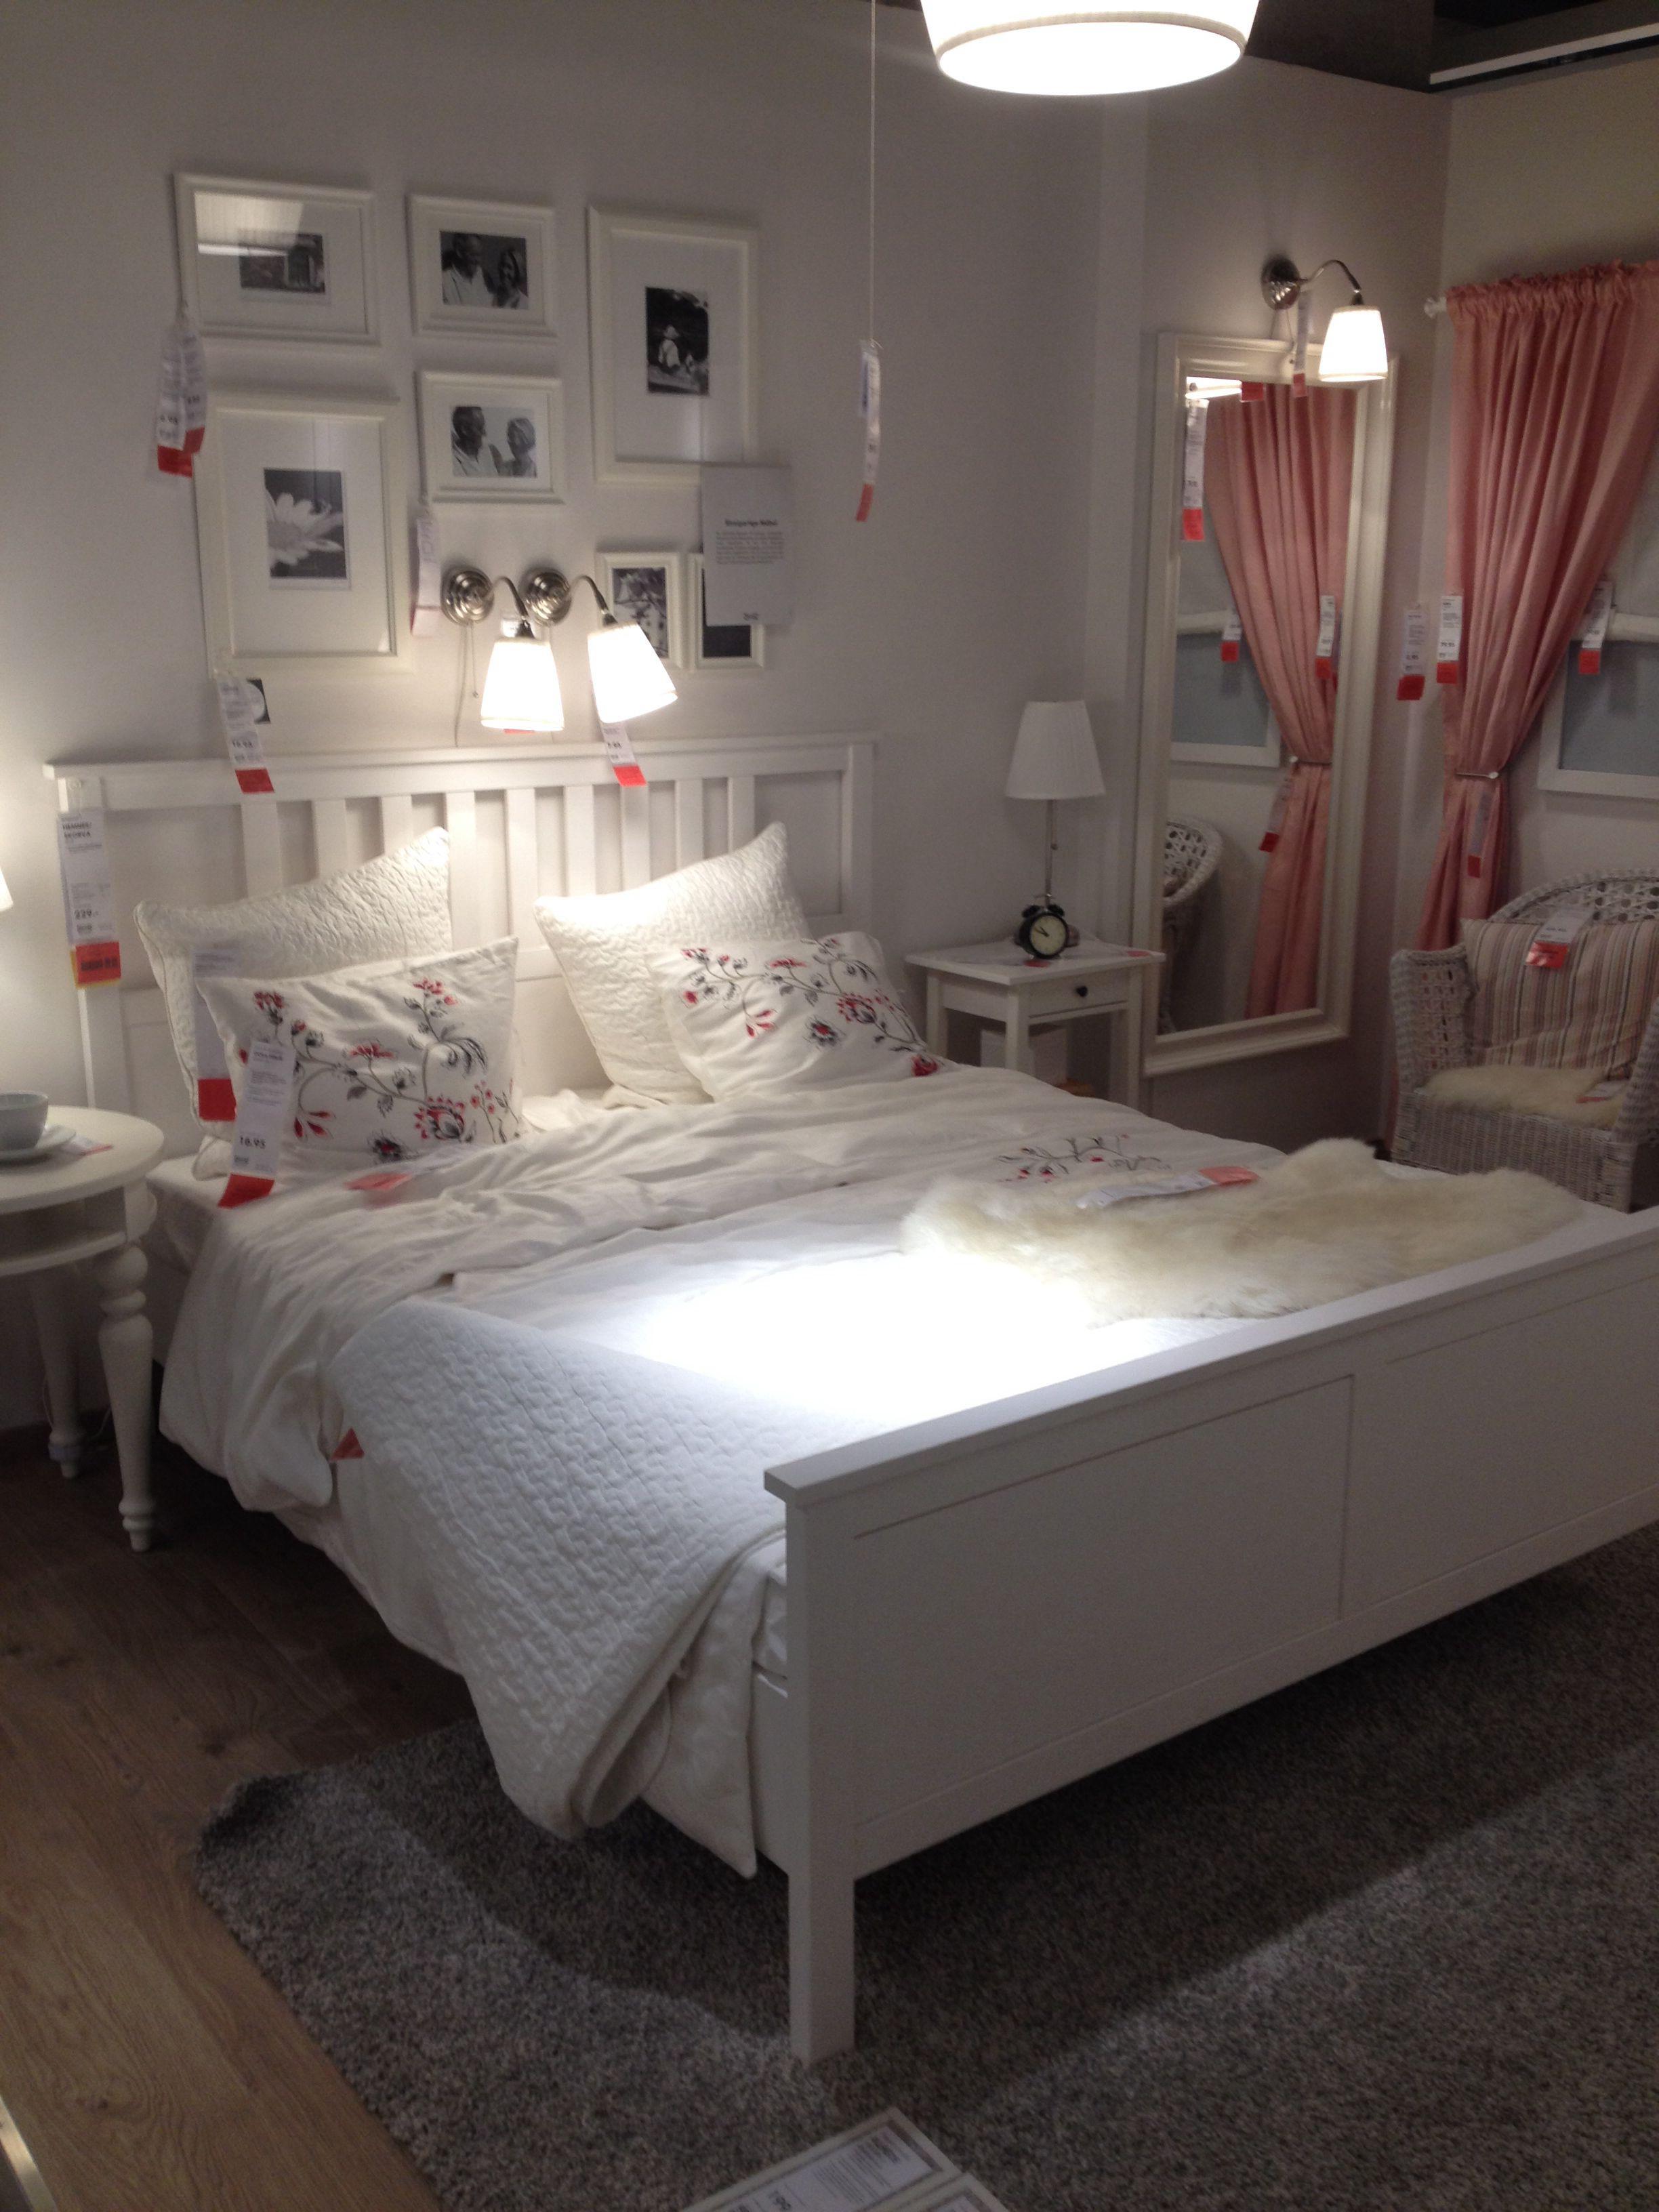 White Ikea hemnes bed  Next project     Ikea bedroom Ikea bedroom design und Ikea